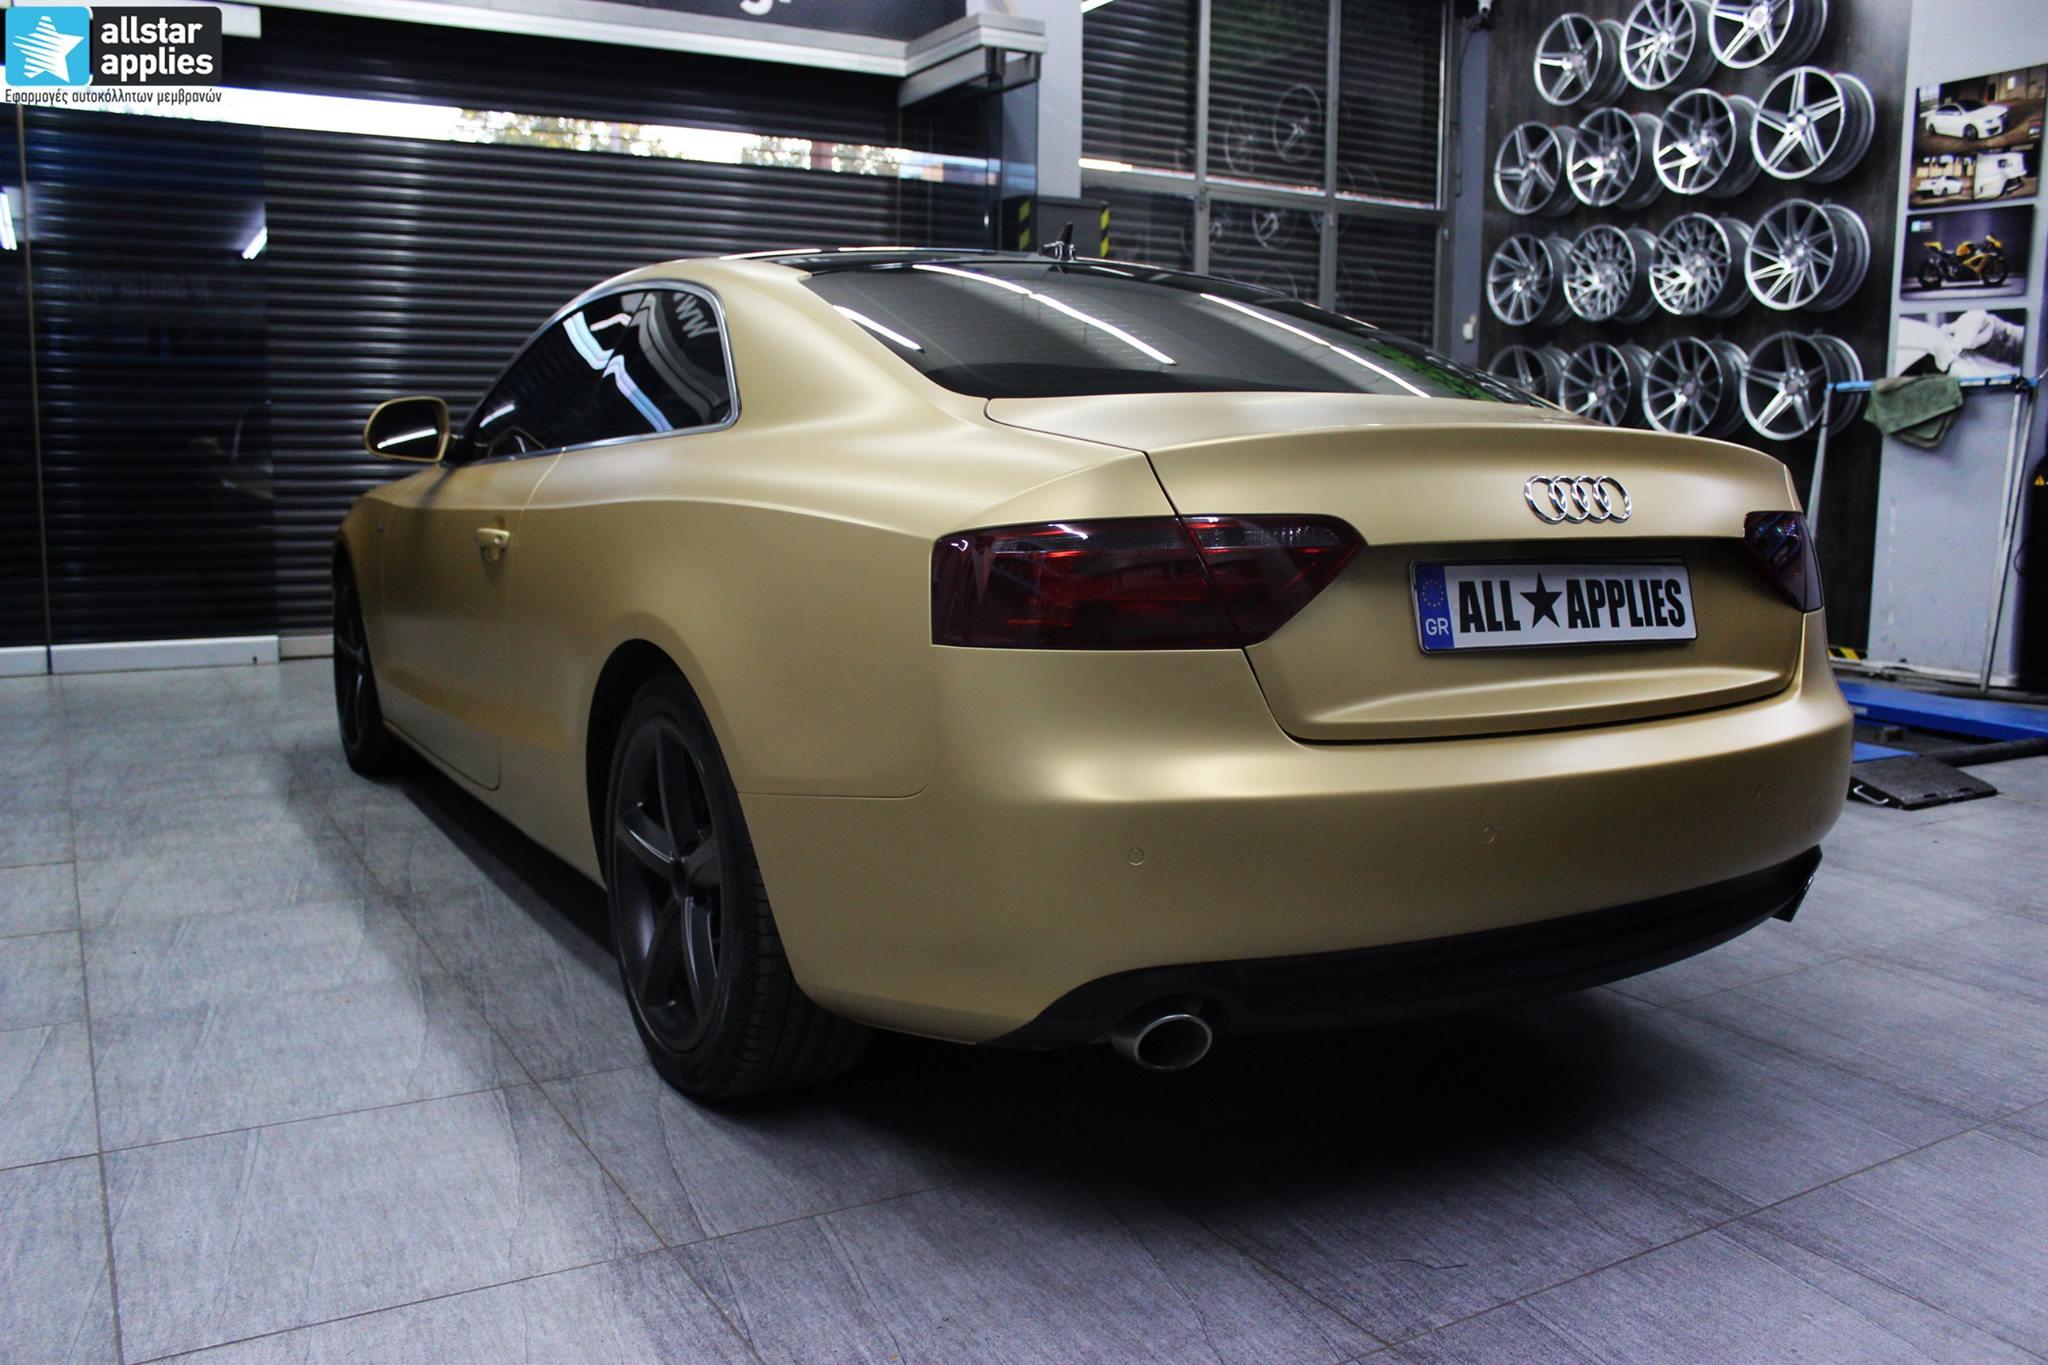 Audi A5 - Satin Gold Matte με μεμβράνες | Allstar Applies Θεσσαλονίκη